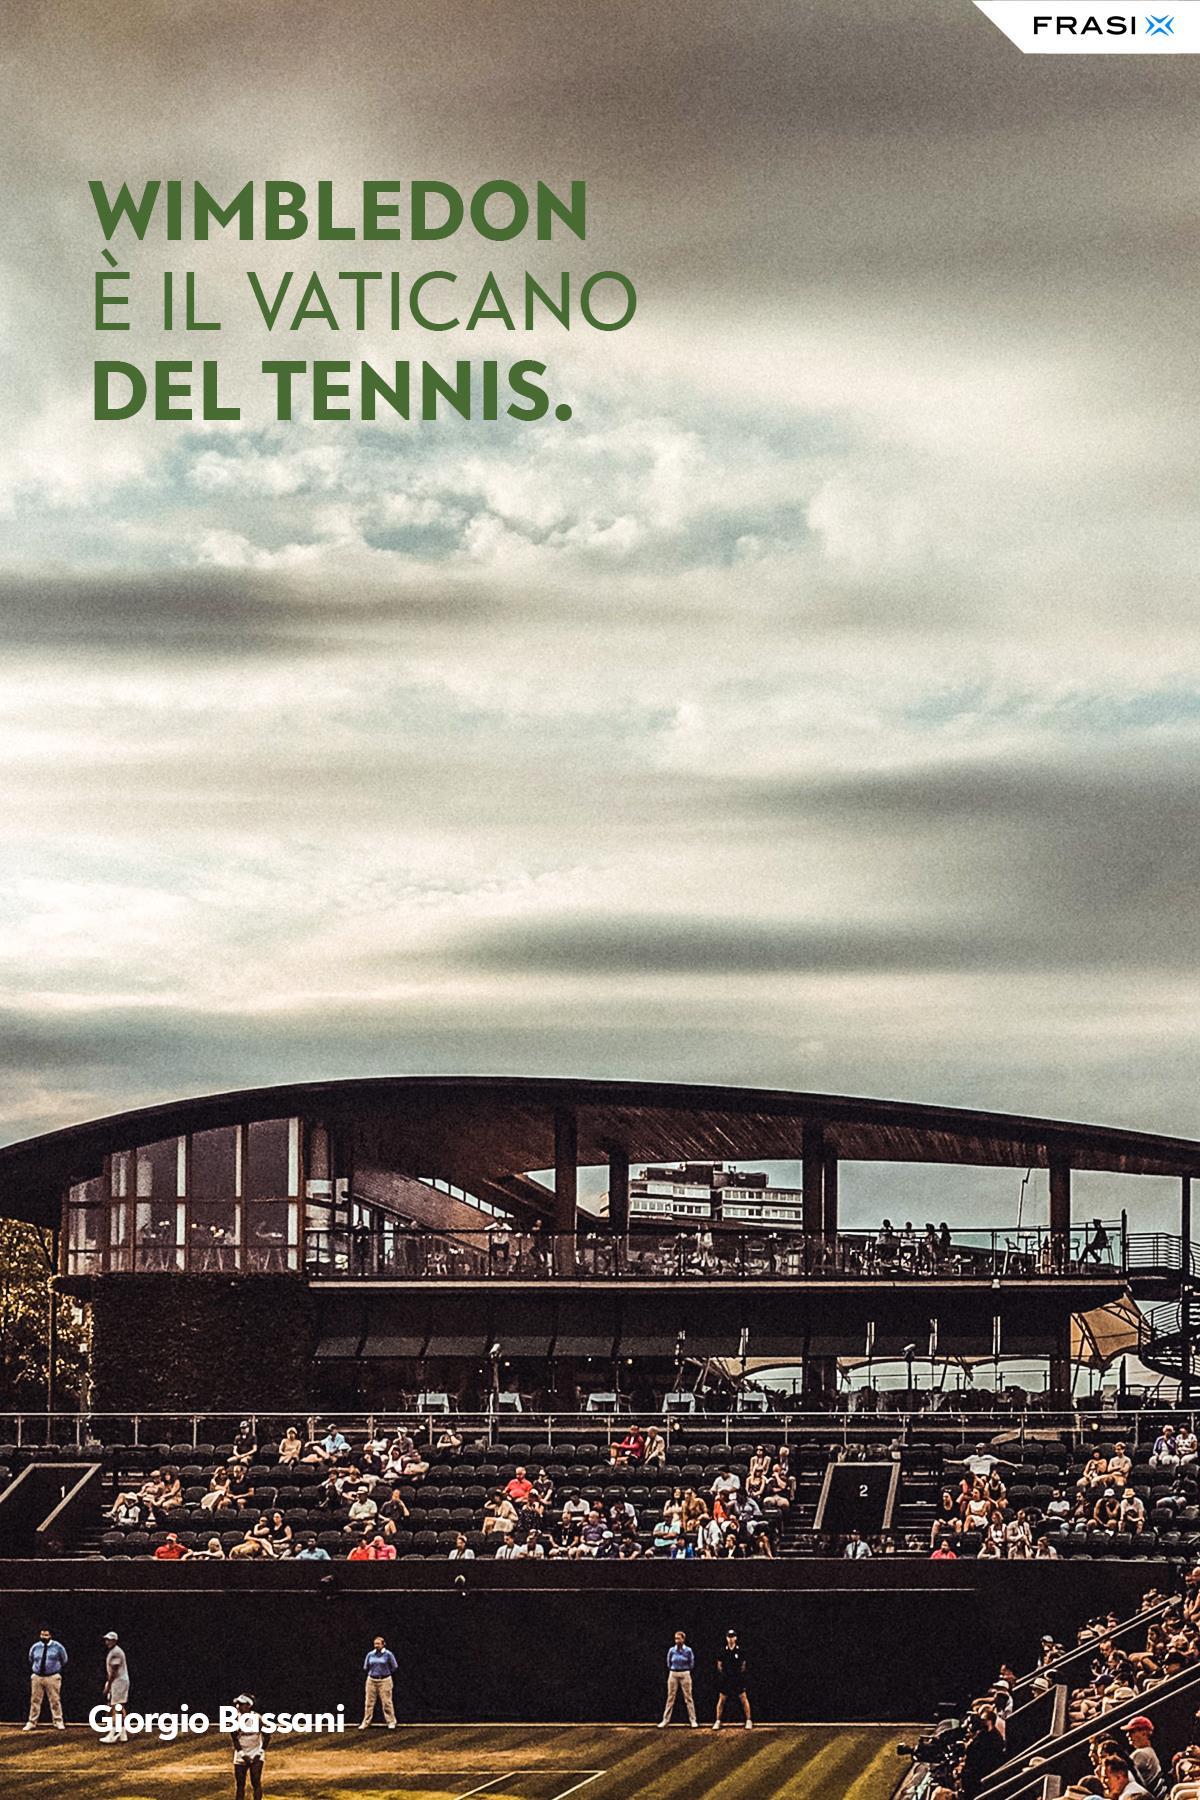 Frasi sul tennis di Giorgio Bassani